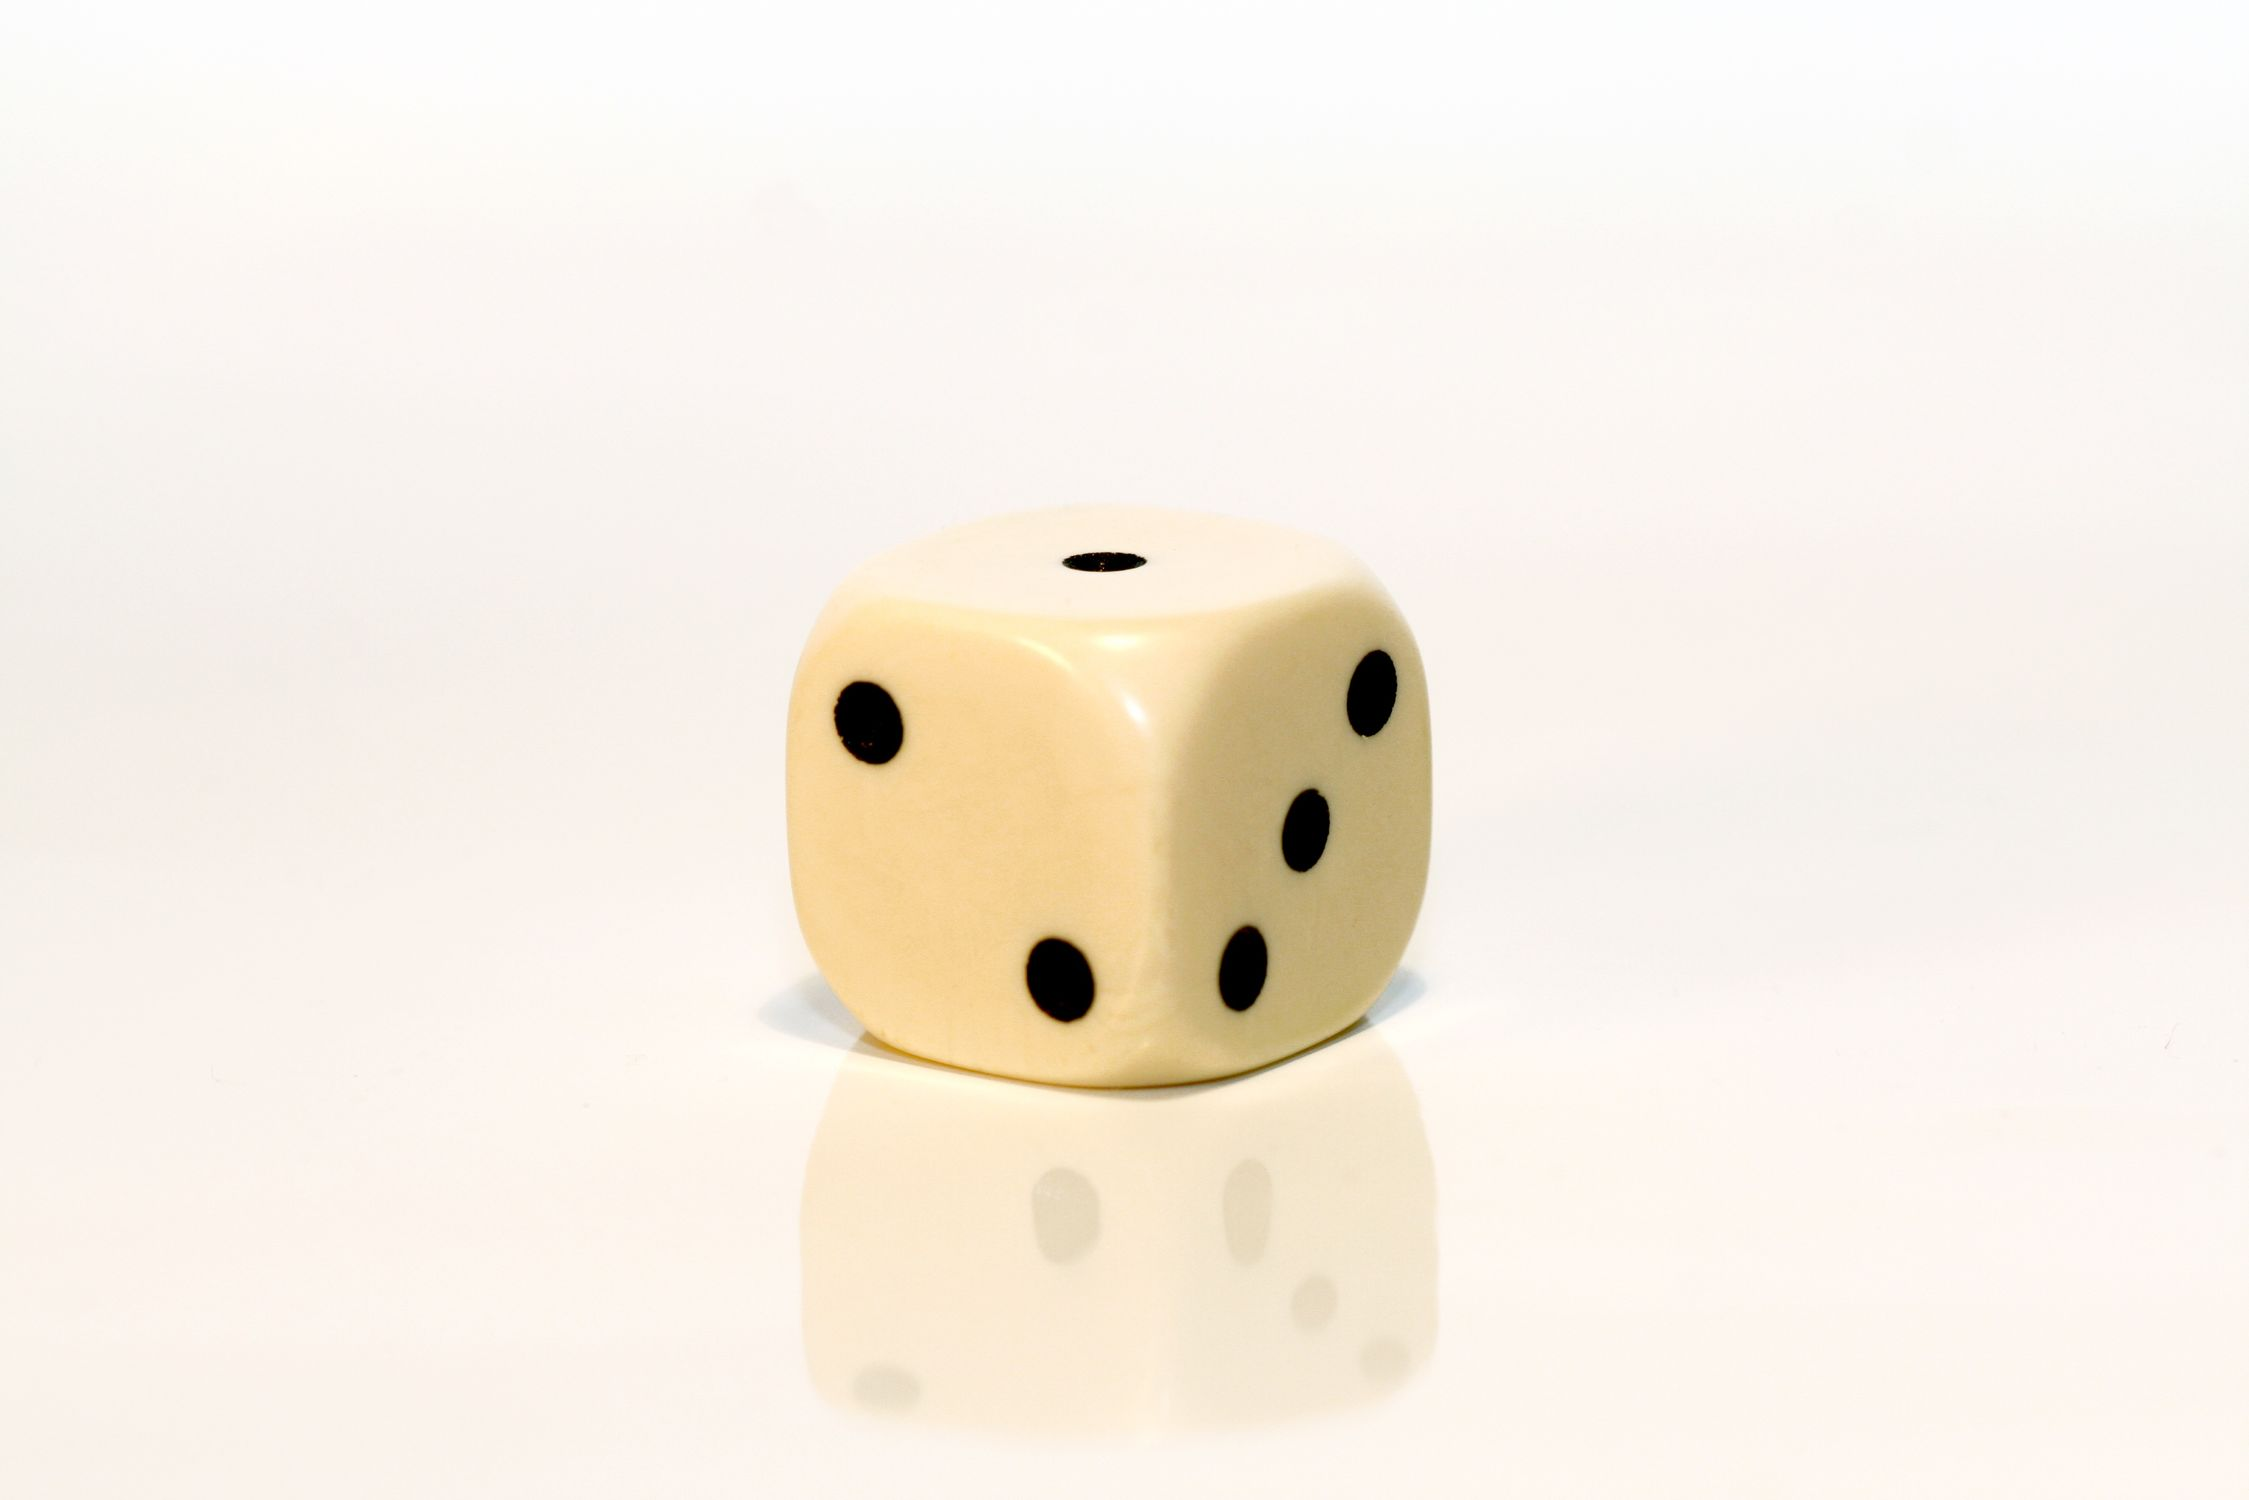 Bild mit Gegenstände, Weiß, Spiele und Spielzeuge, Würfel, Spielewürfel, Spielwürfel, Glückswürfel, Würfelspiel, 6er Würfel, weißer Würfel, Elfenbein Würfel, weißer Würfel vor weißem Hintergrund